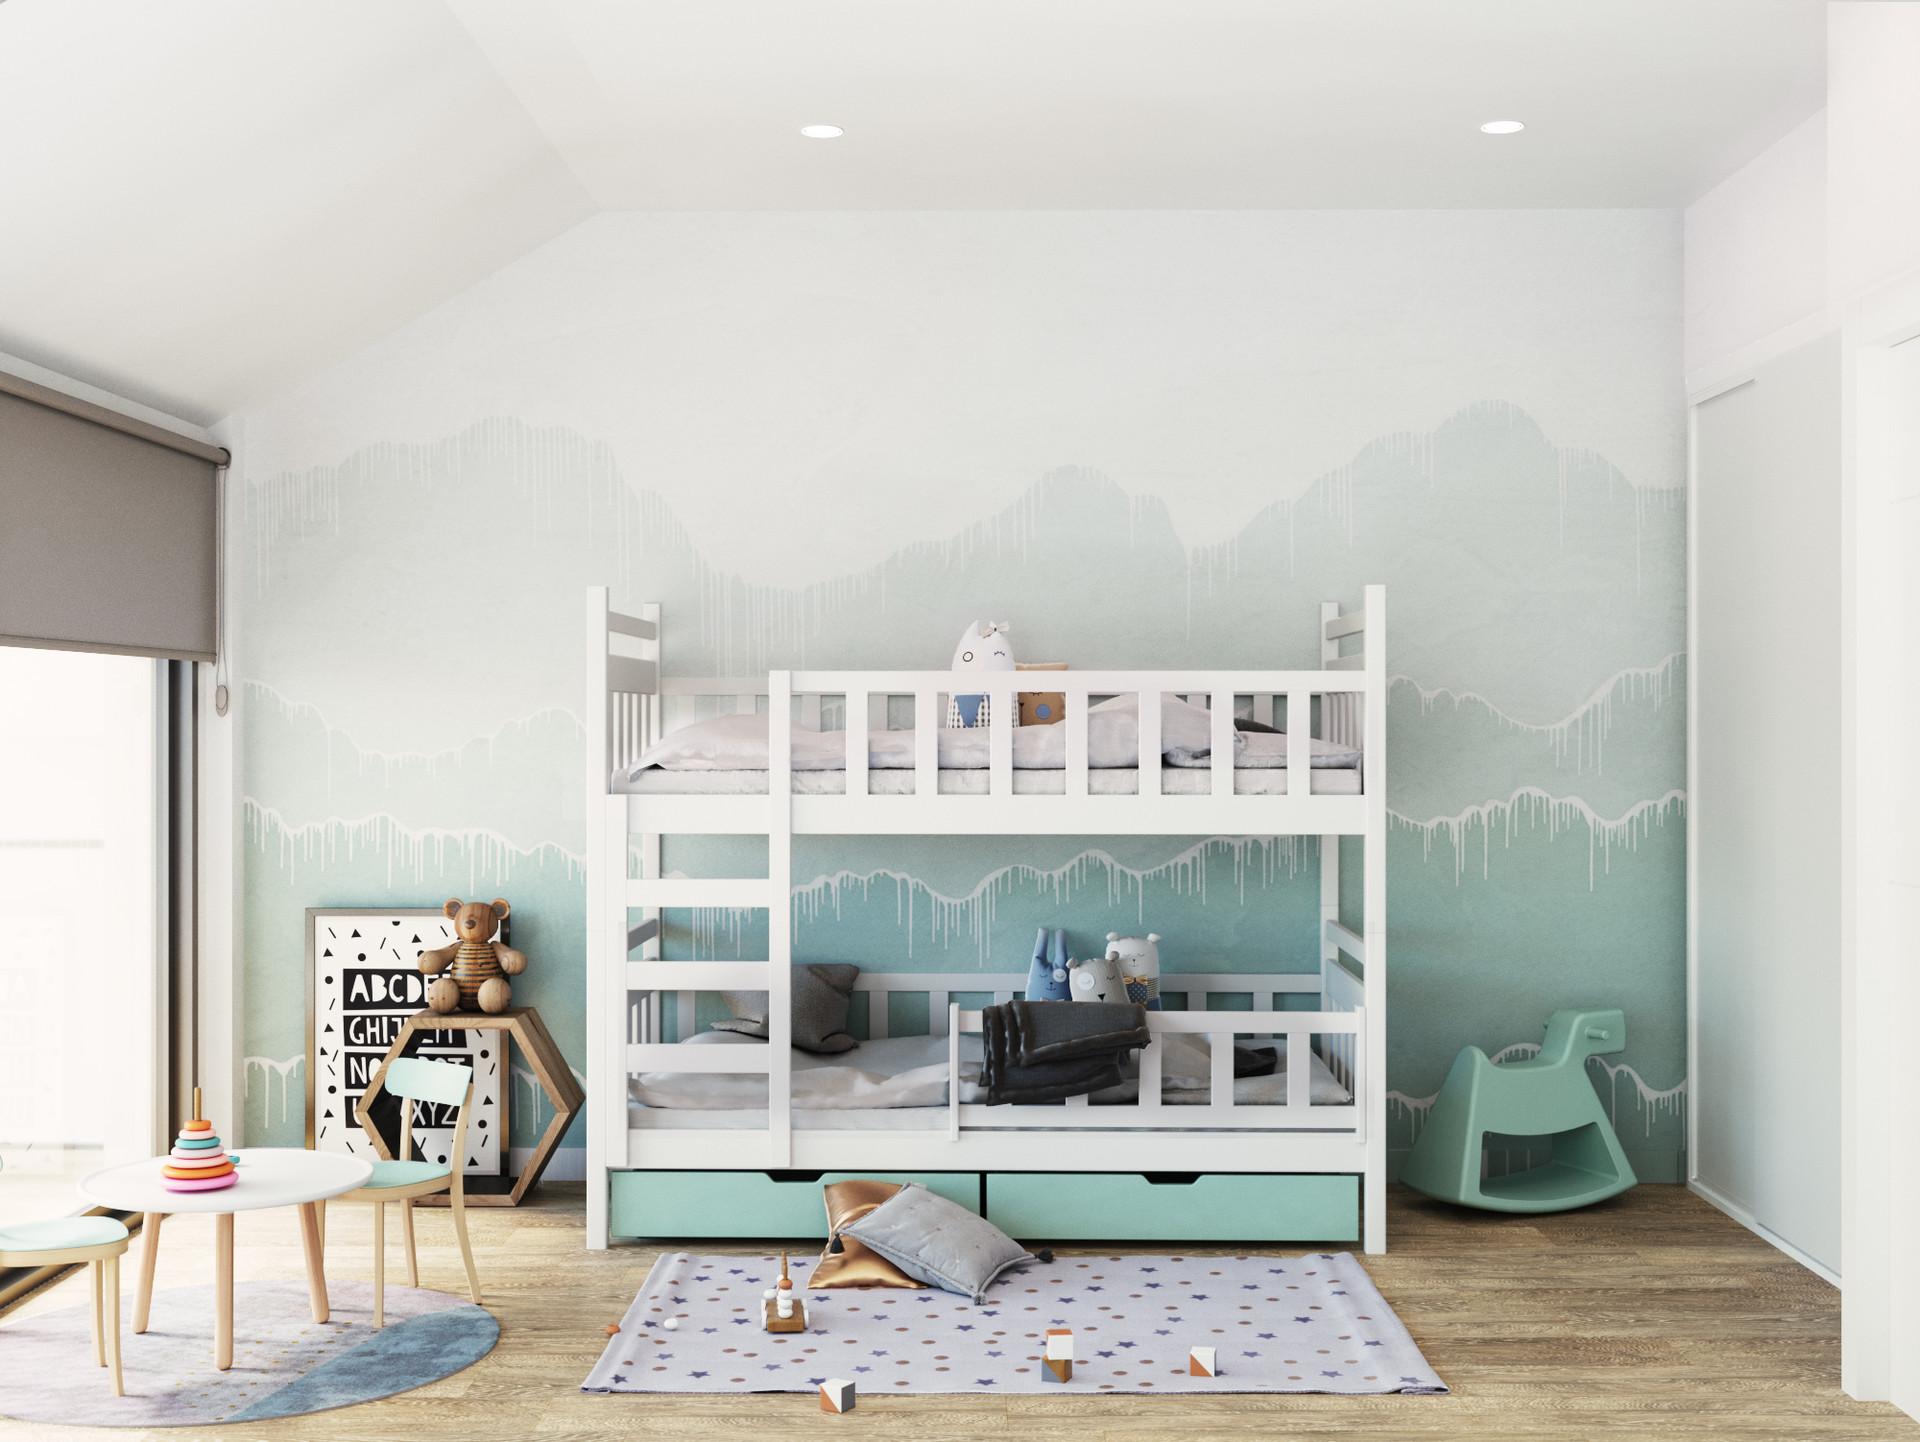 Baboon lab dormitoriosecundario2